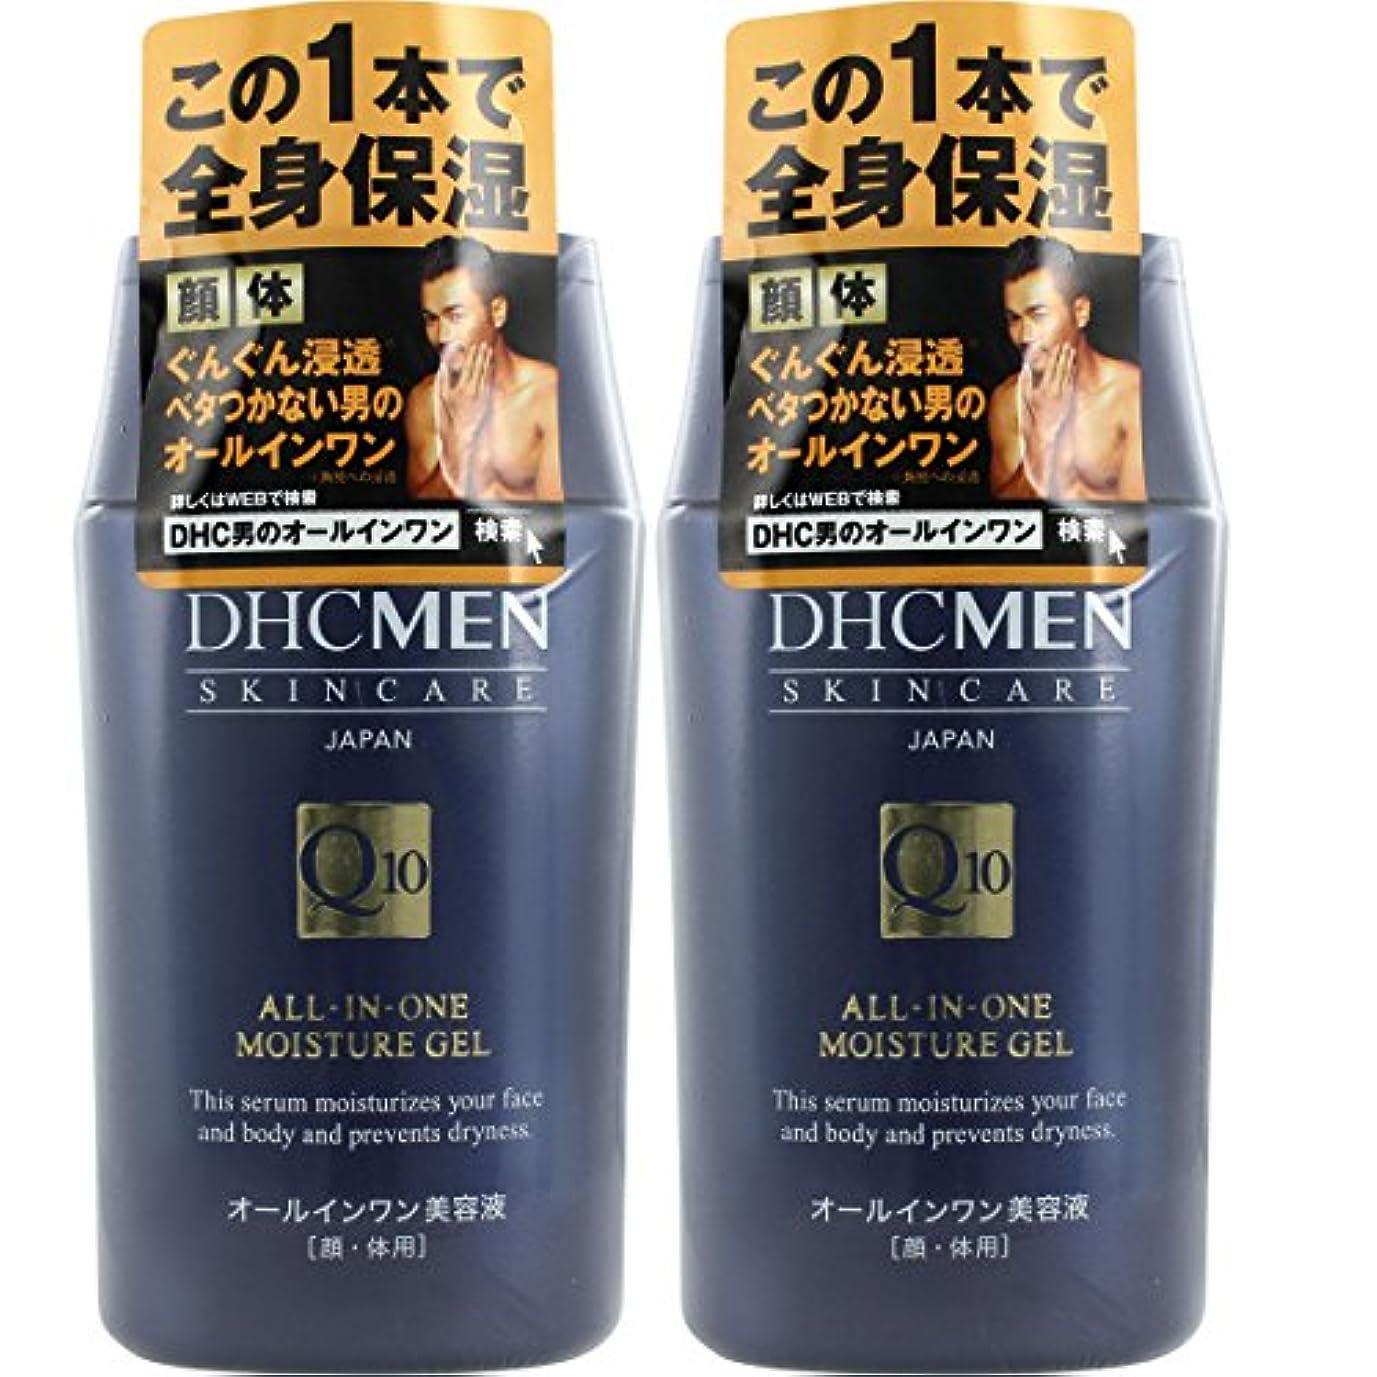 リラックスしたリスナー保守可能【セット品】DHC MEN(男性用) オールインワン モイスチュアジェル 200ML 2個セット